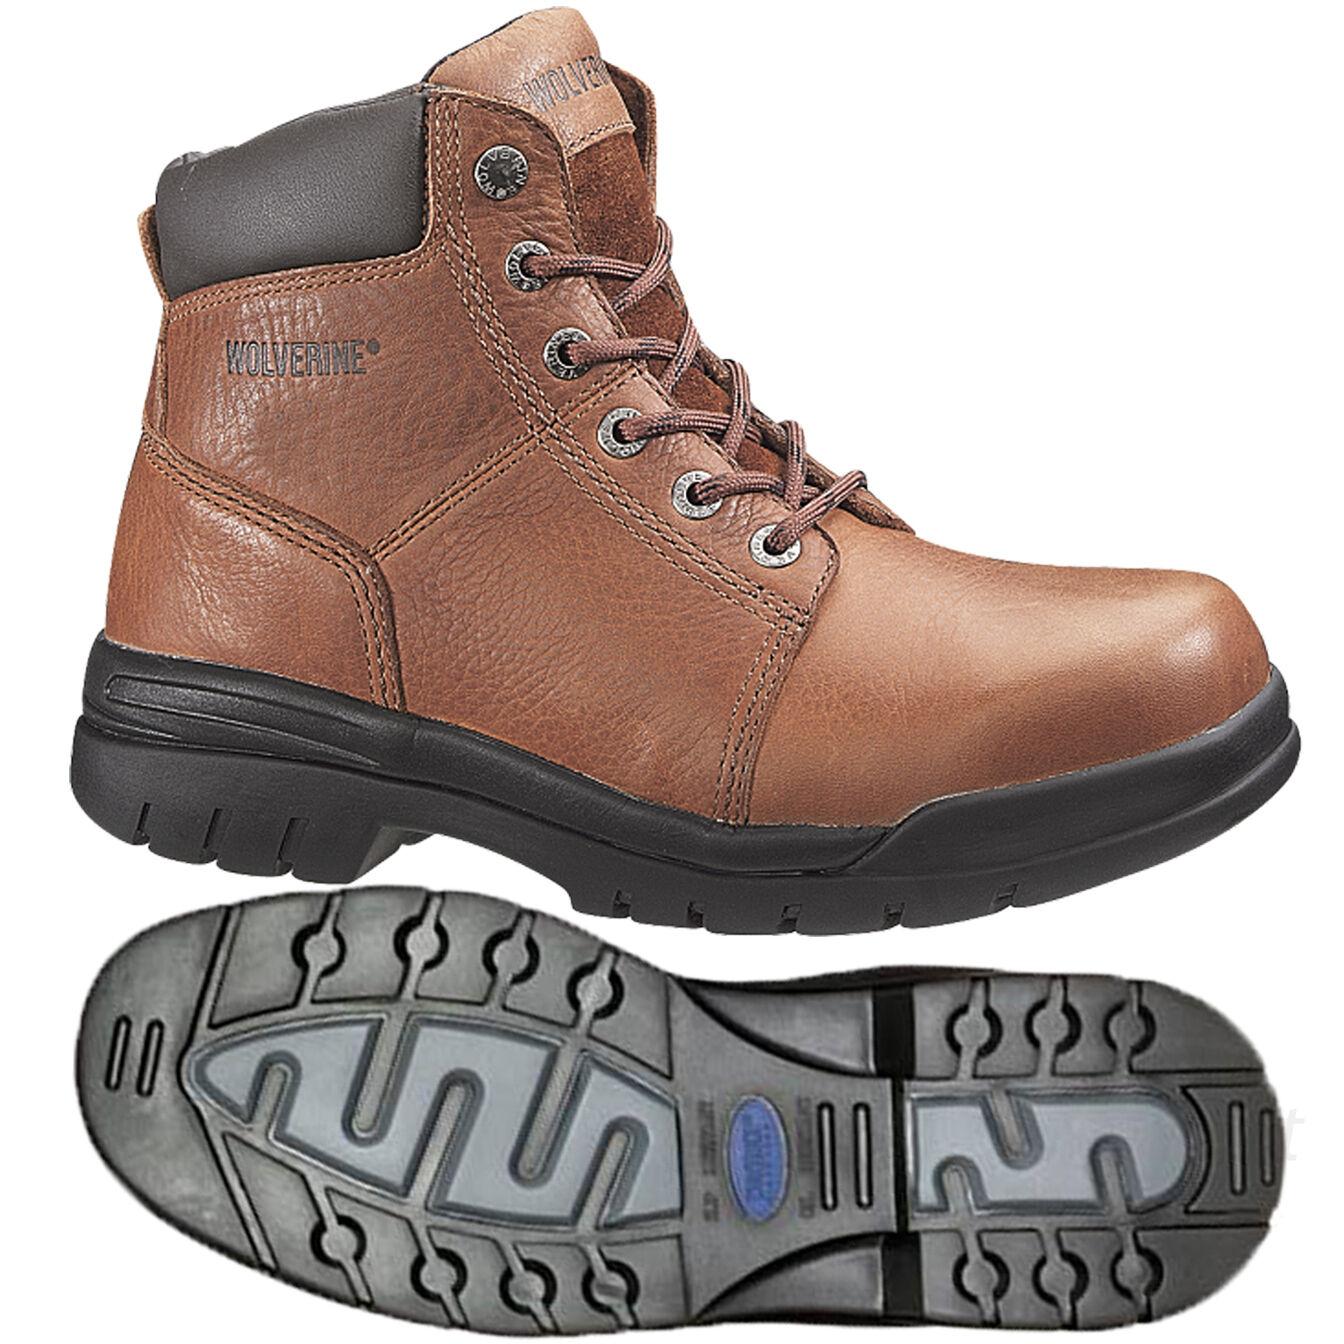 Wolverine work Stiefel Mens Marquette braun Leather Leather Leather Steel-Toe Stiefel EH 6  W04713 6c0e14